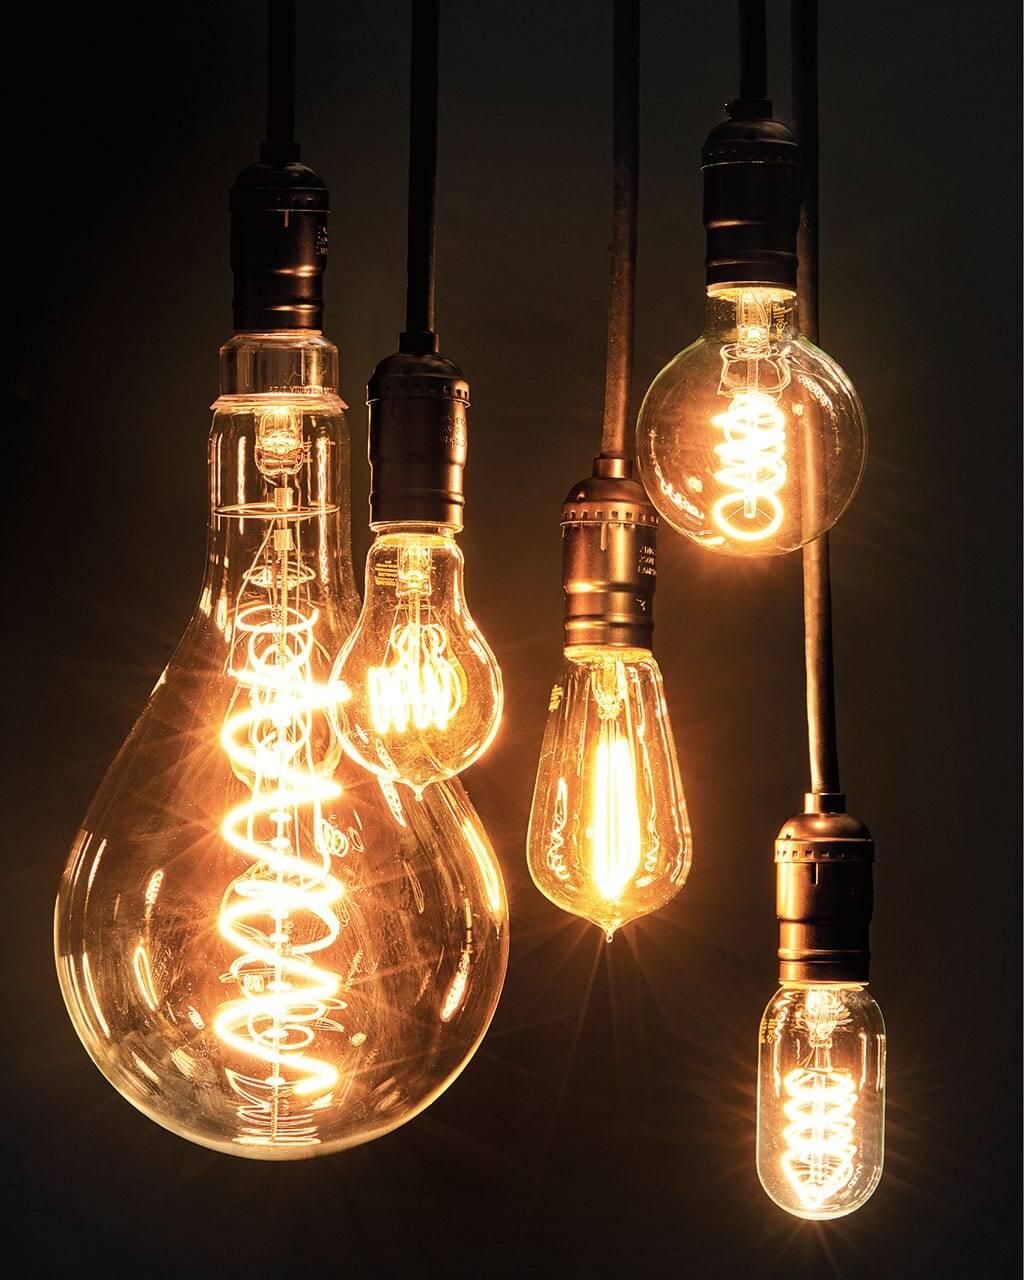 能够收集环境照明能量的设备为可充电设备和传感器供电